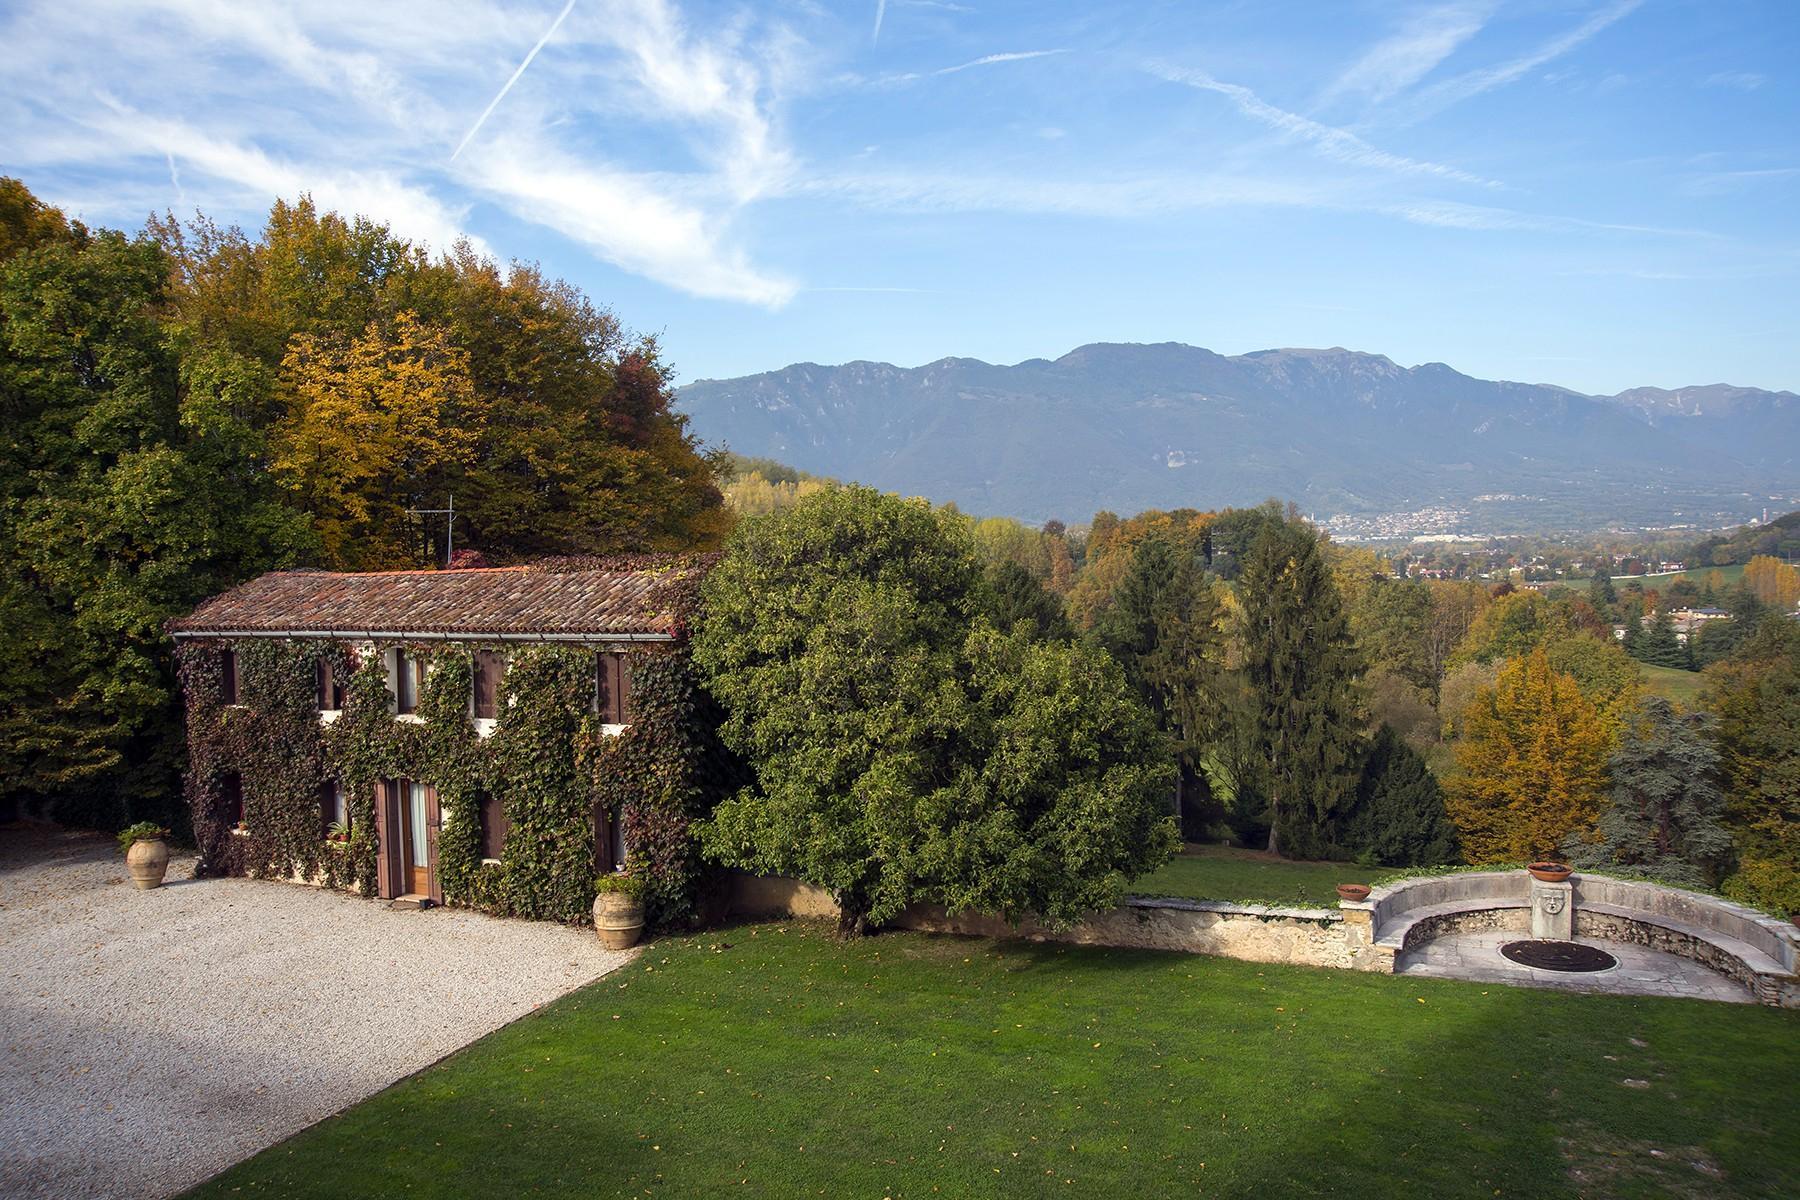 Affascinante dimora storica dominante le colline venete - 11